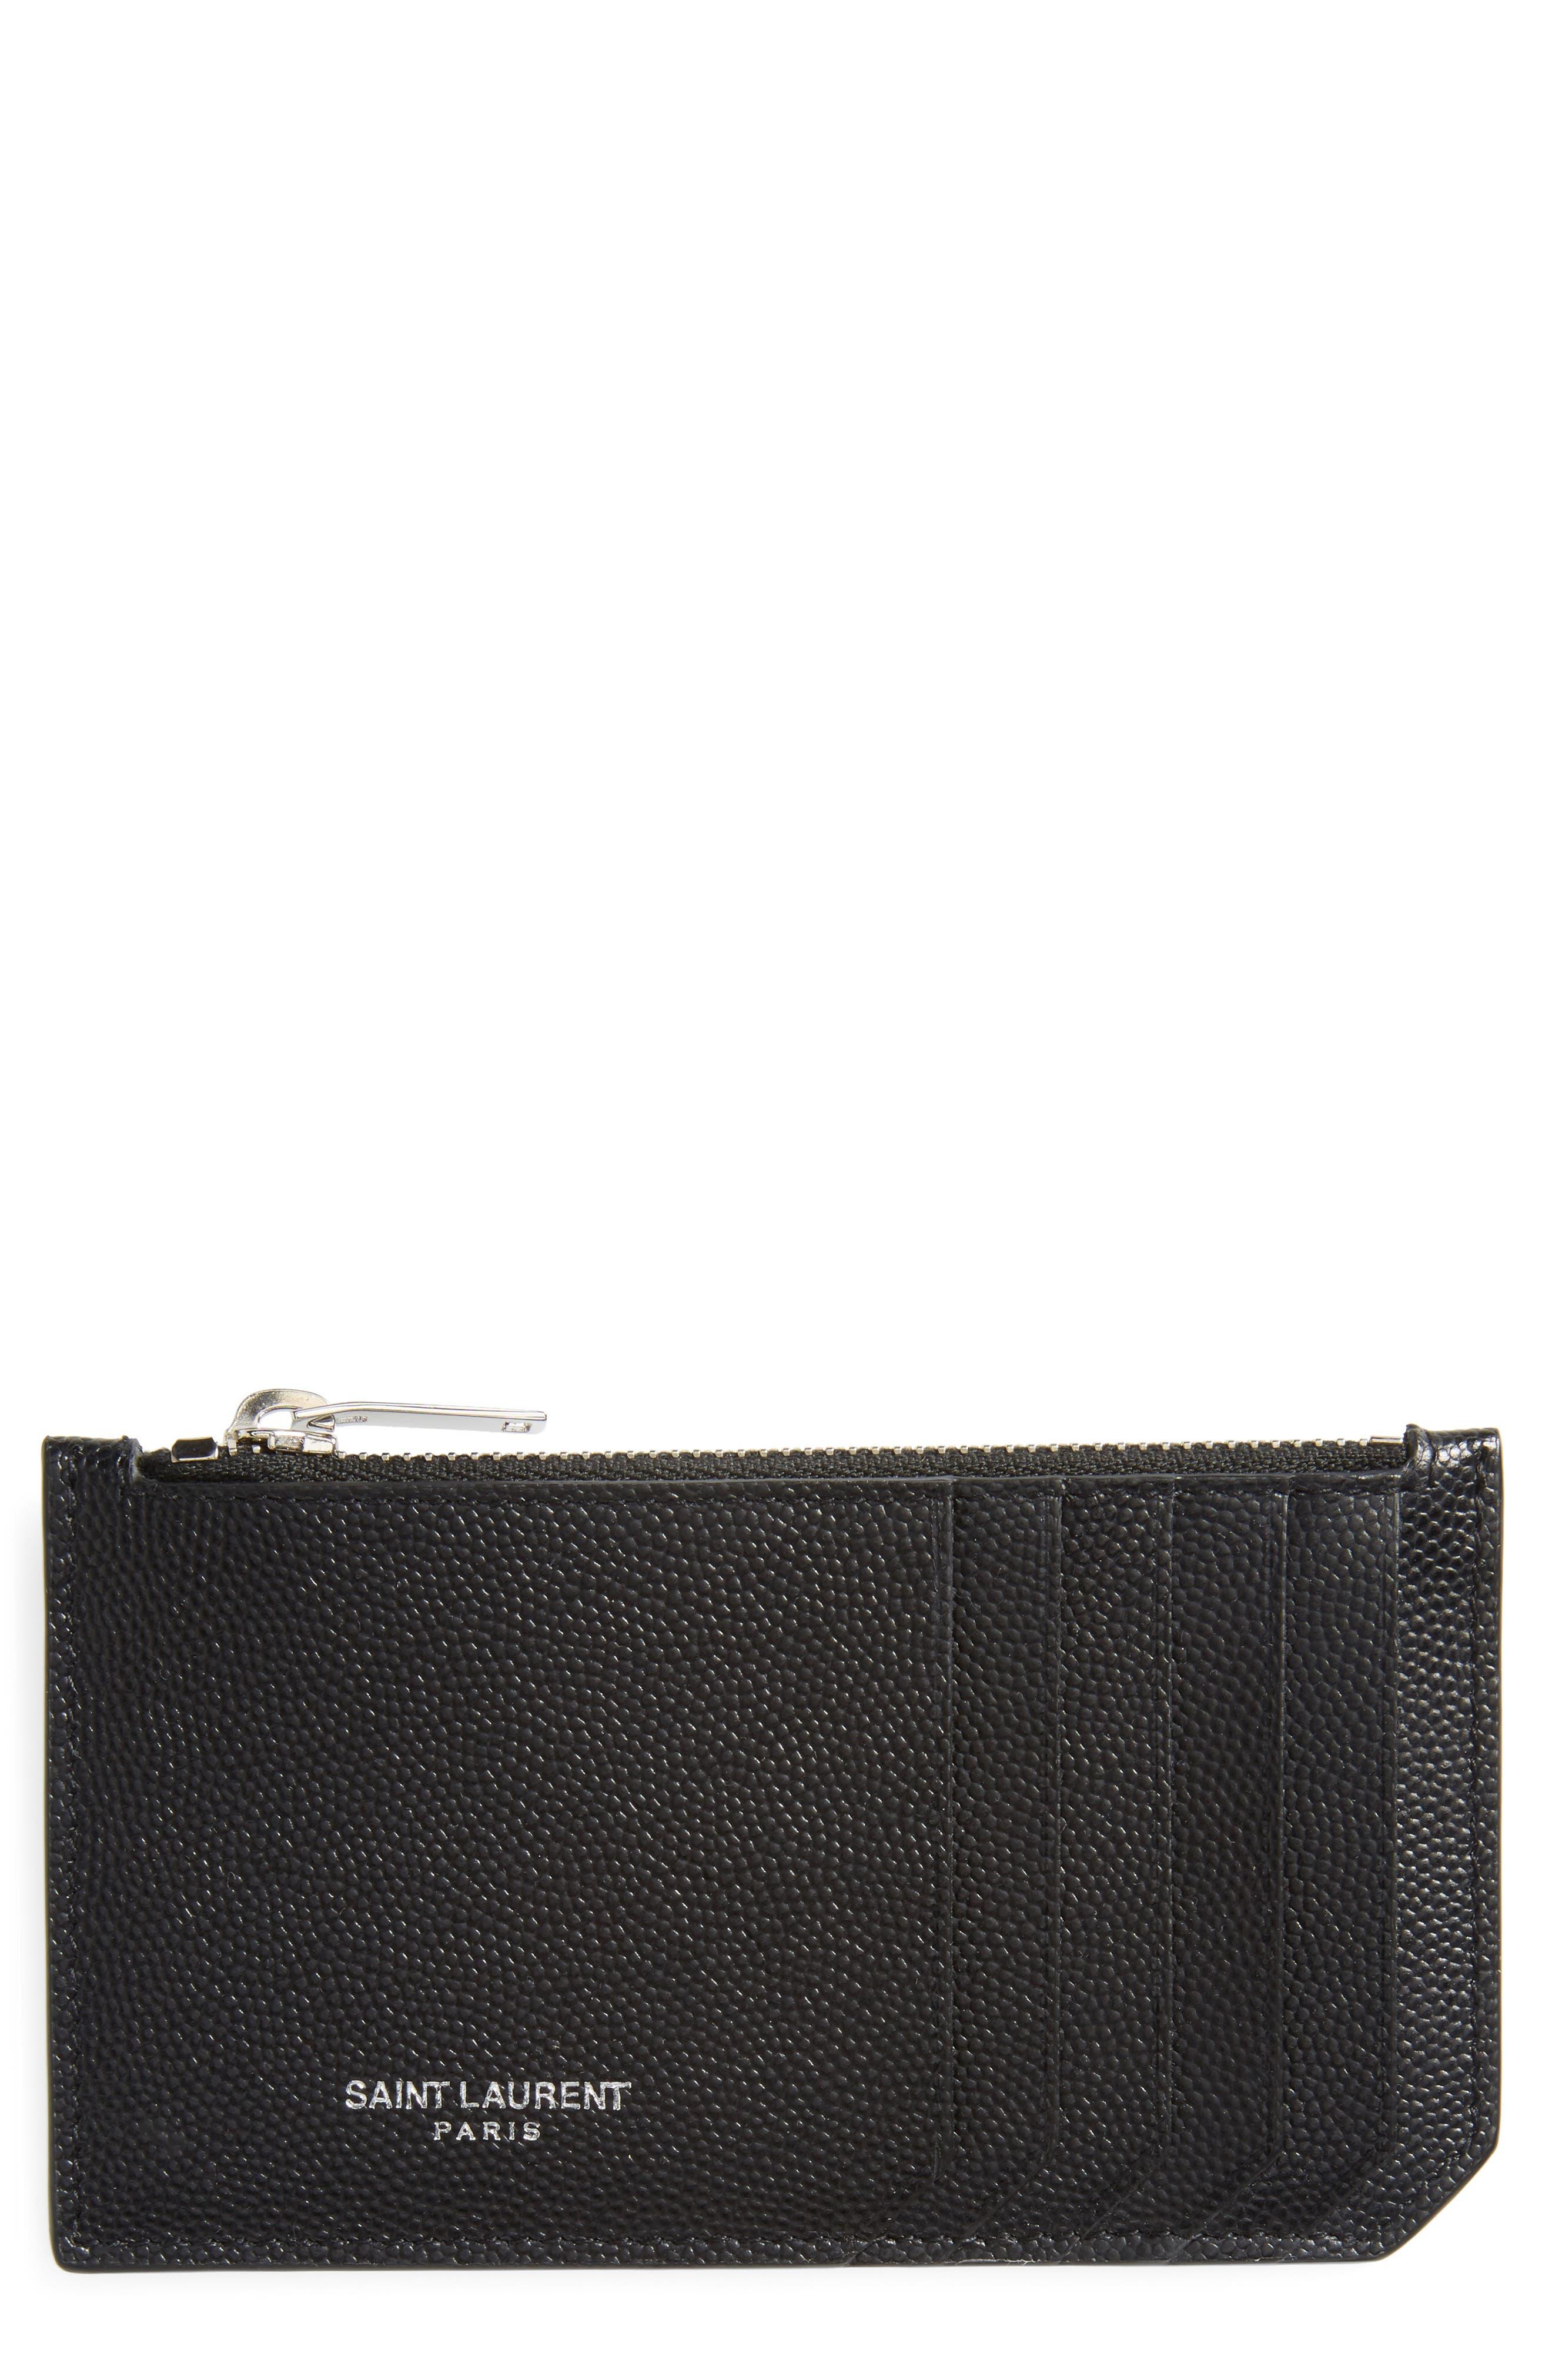 Saint Laurent Pebble Grain Leather Zip Wallet